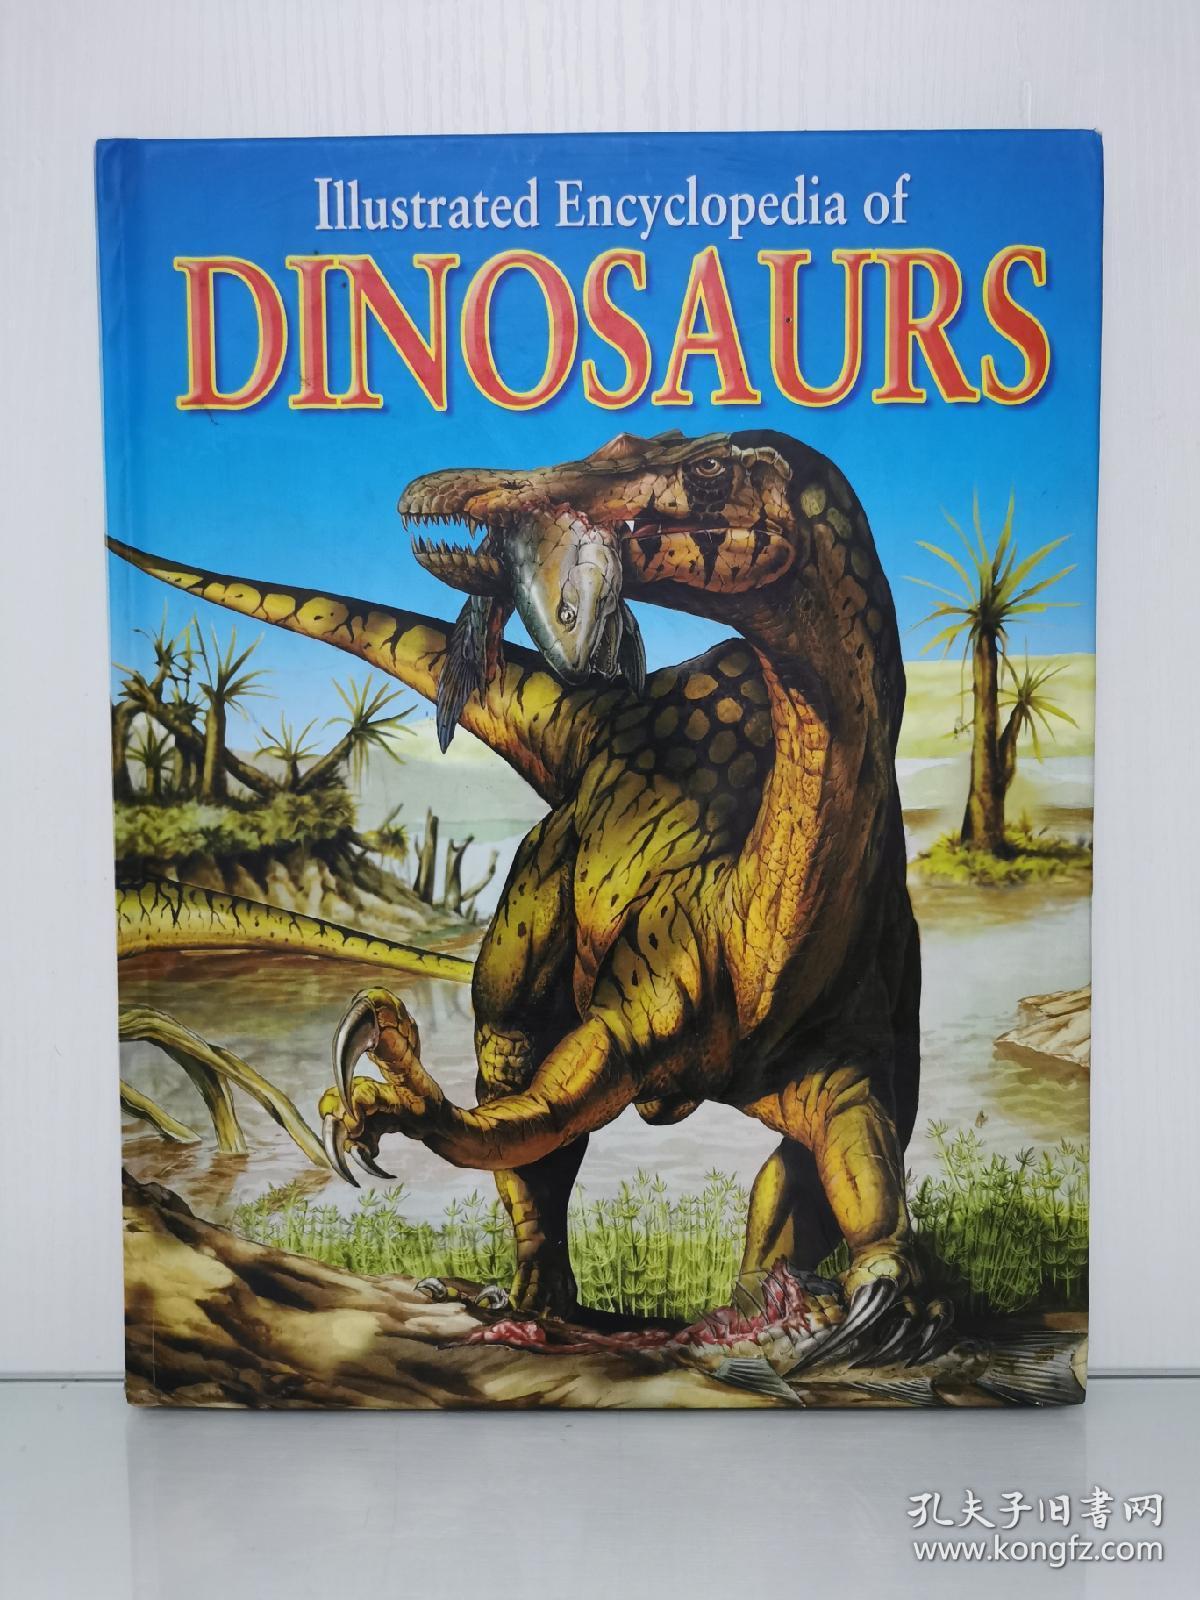 大恐龙图片